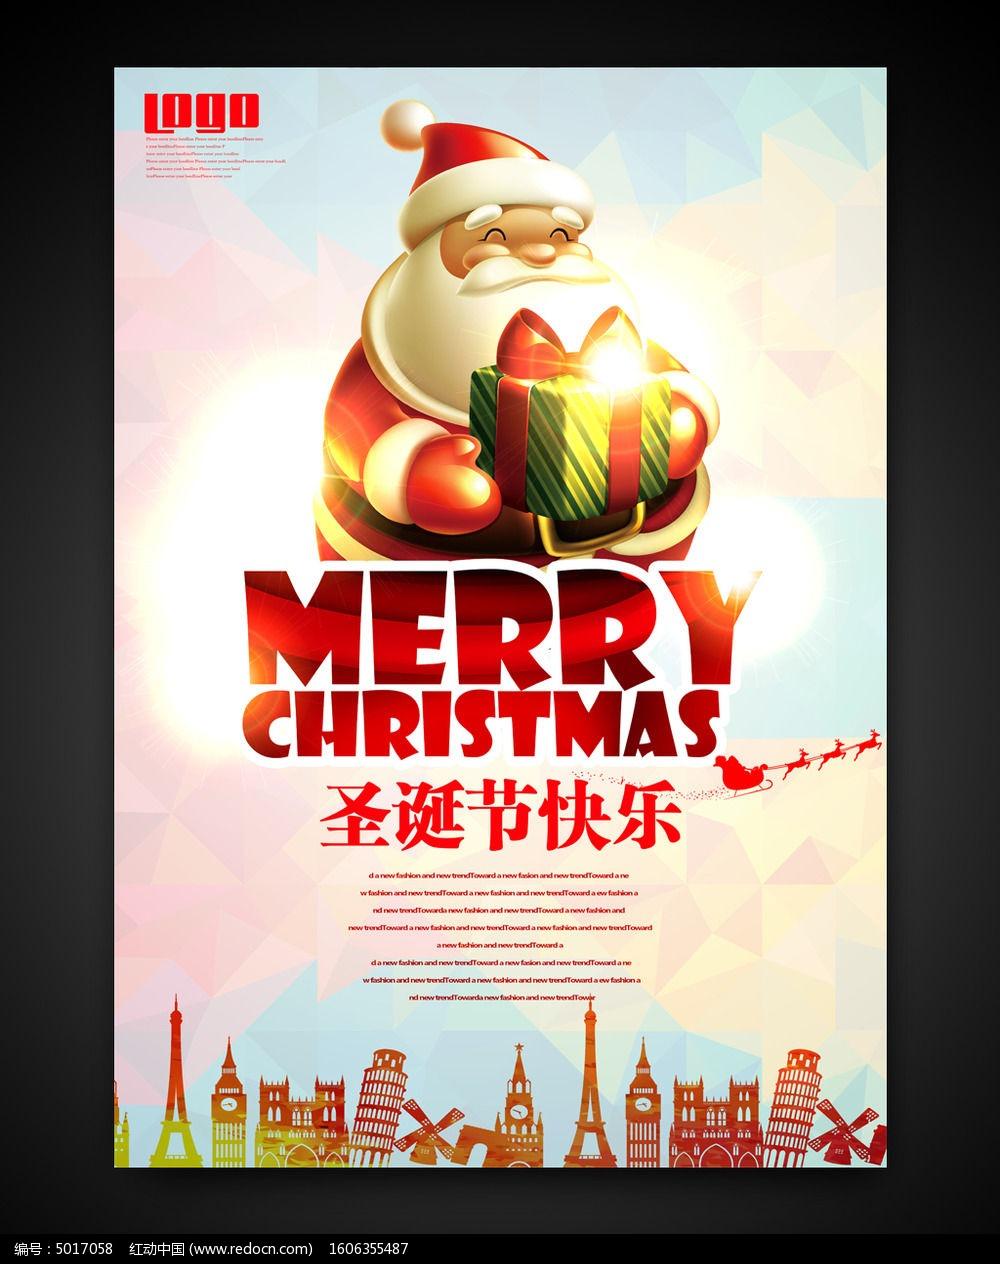 创意圣诞节快乐宣传海报设计图片